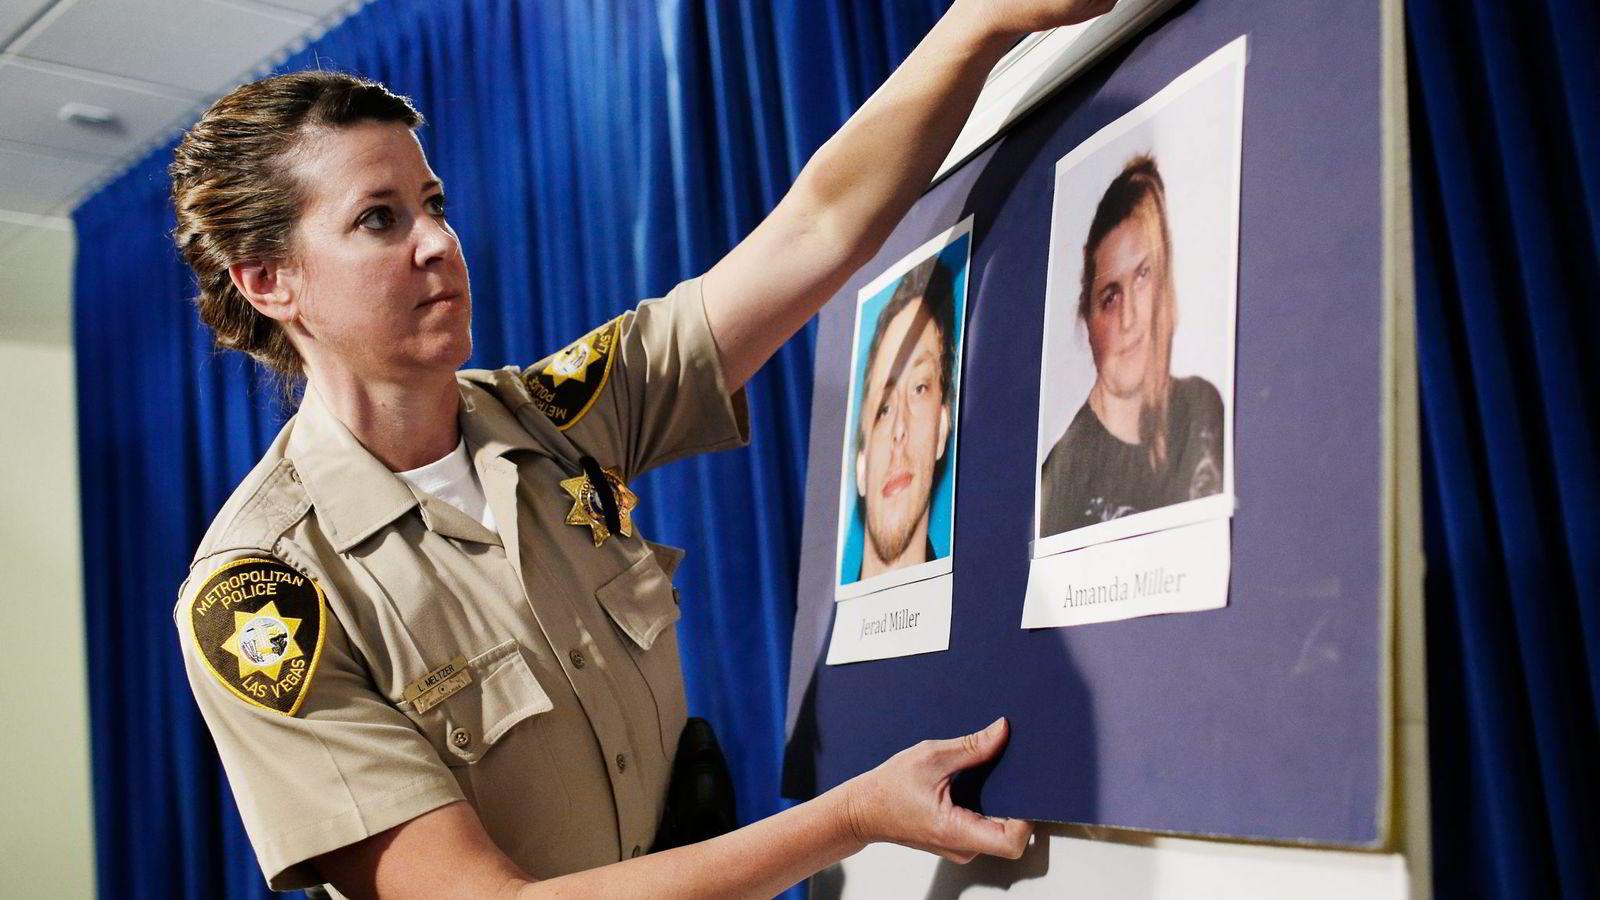 SKJØT OG DREPTE. Bildene av Jerad og Amanda Miller vises frem under en pressekonferanse etter skyteepisoden der to politibetjenter ble skutt på kloss hold i en pizzarestaurant i Las Vegas.